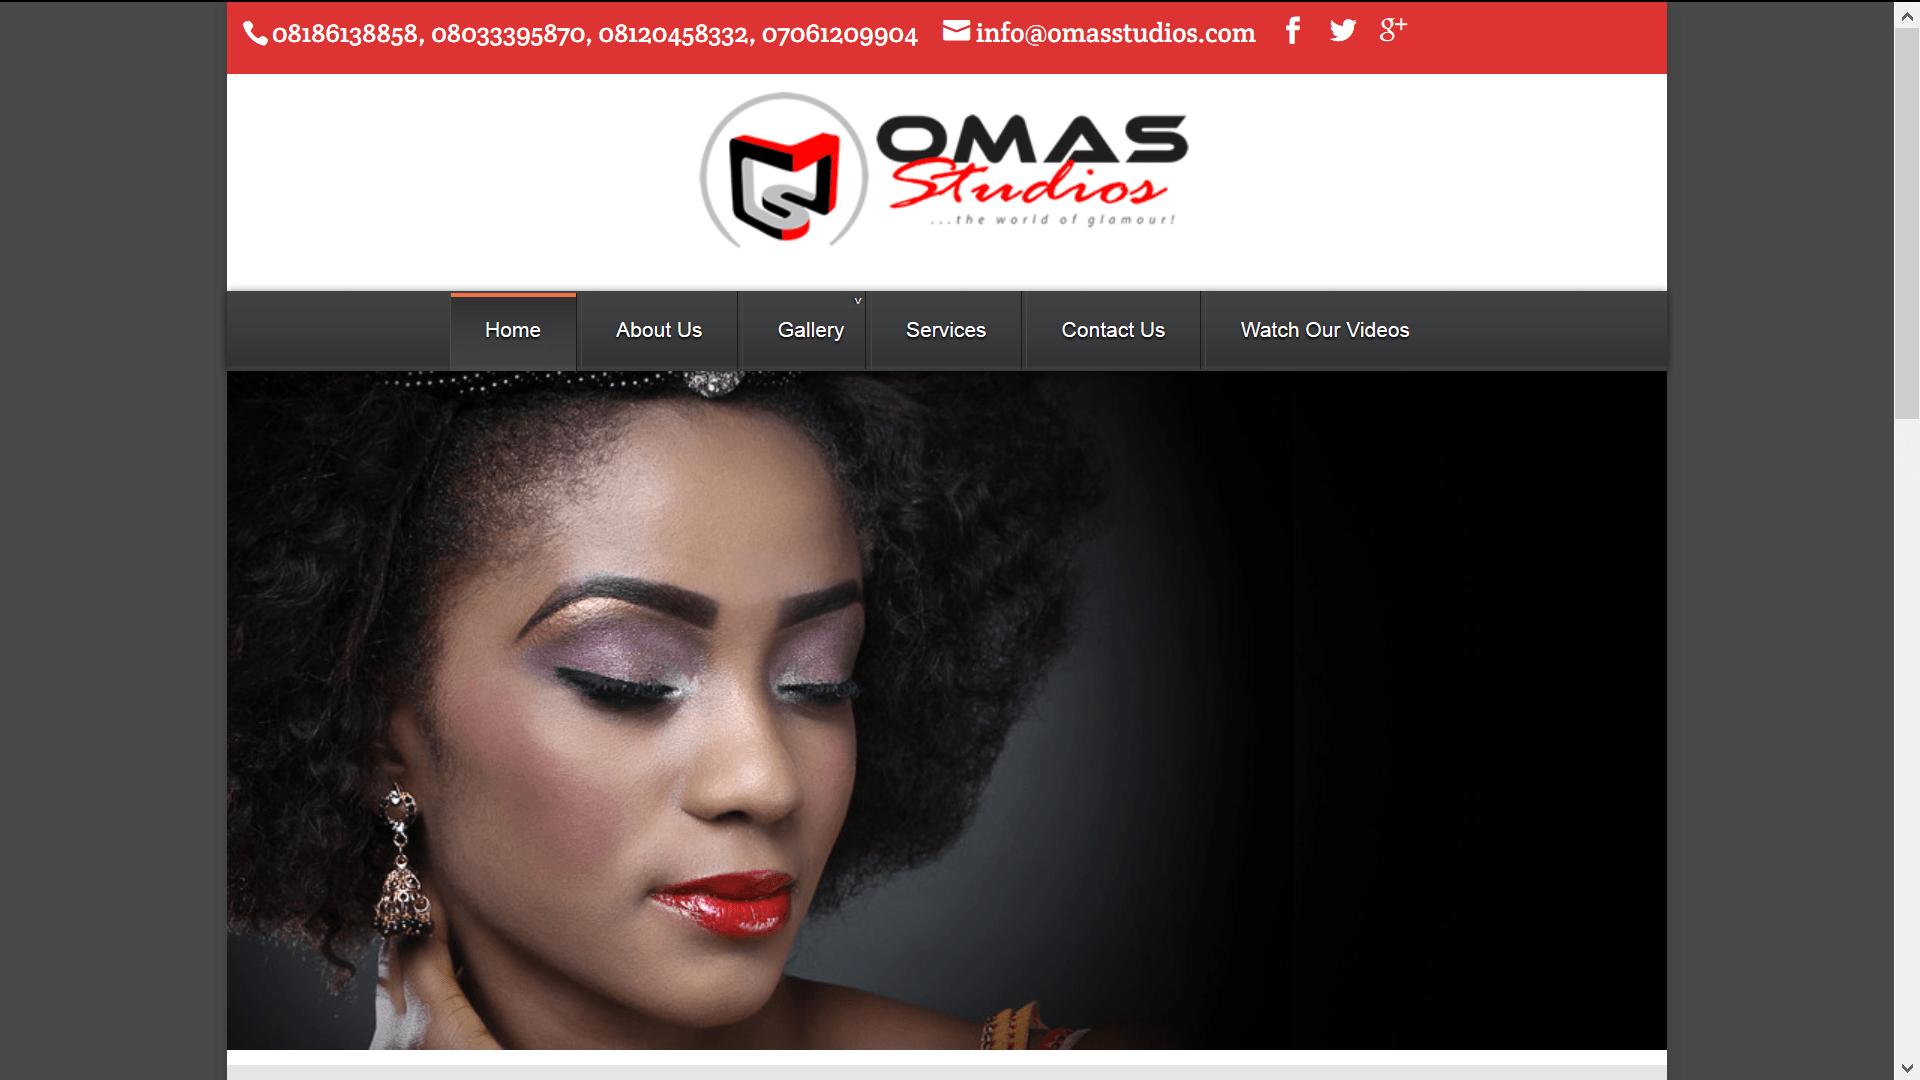 Omas Studios